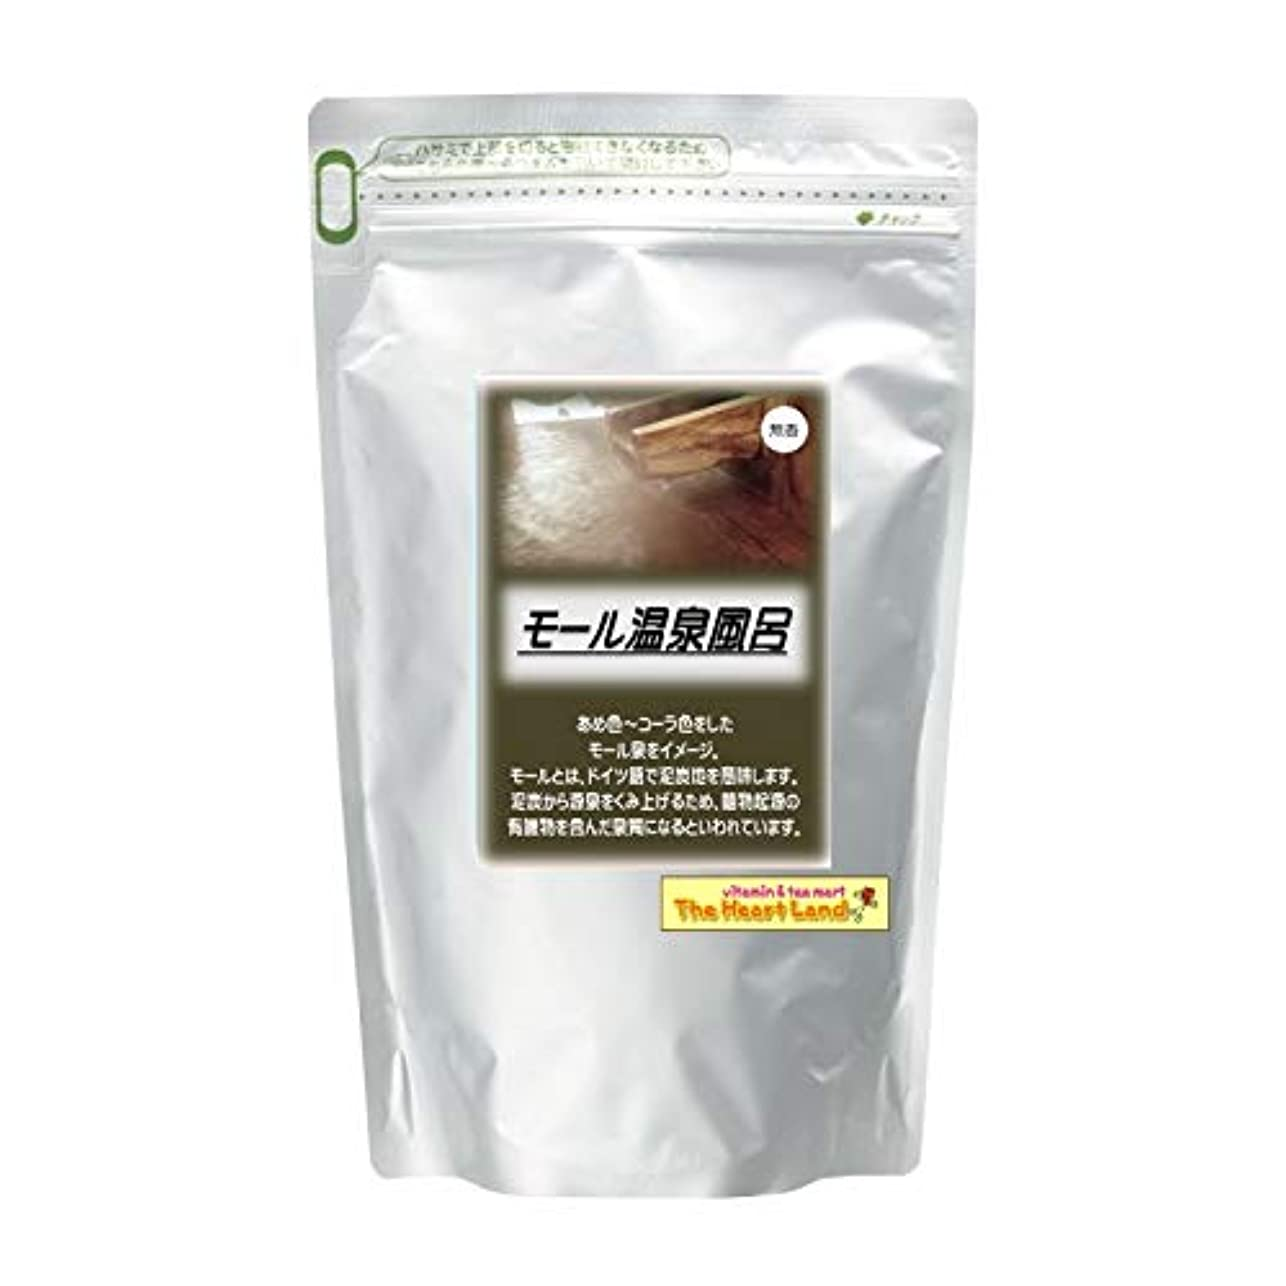 爪ループ釈義アサヒ入浴剤 浴用入浴化粧品 モール温泉風呂 2.5kg